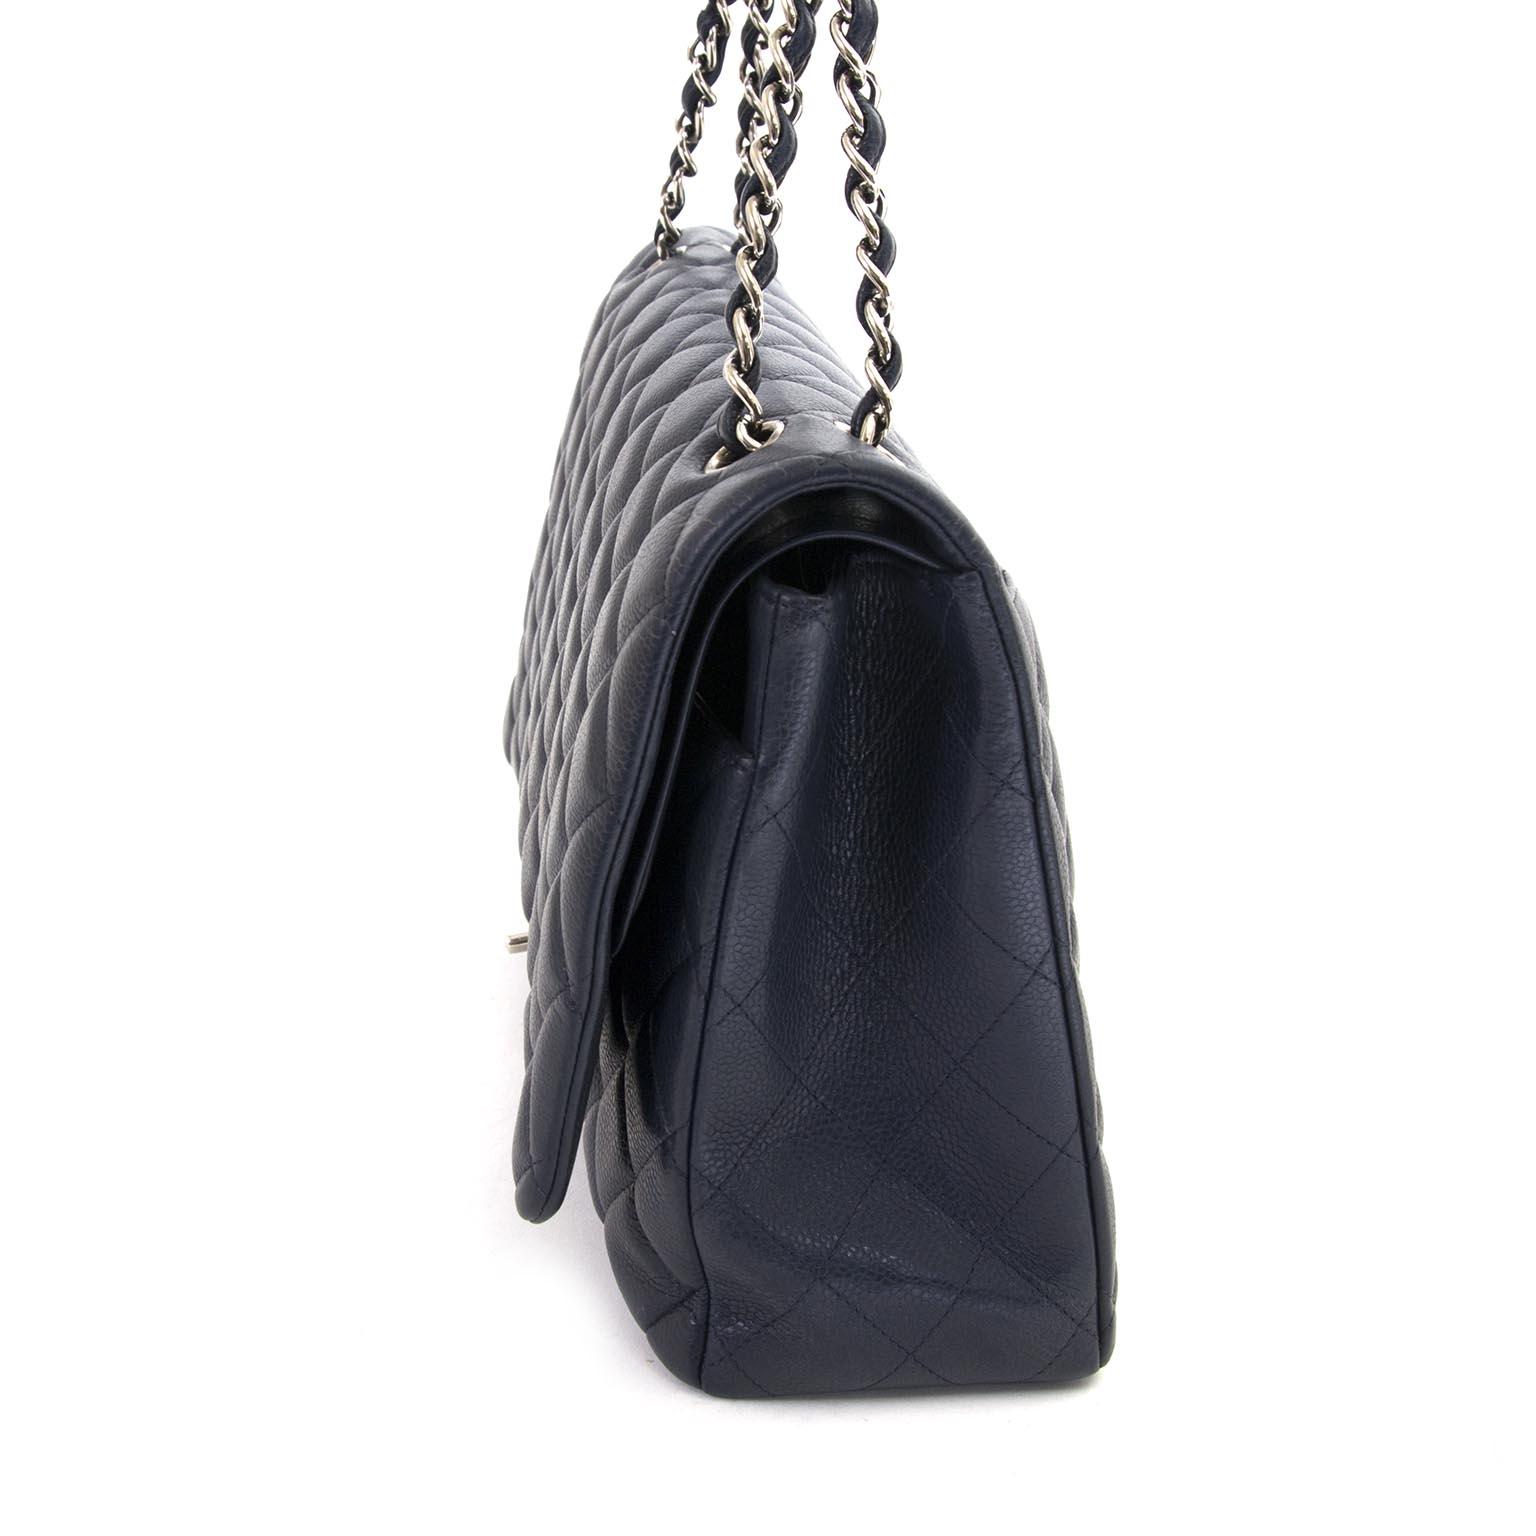 ahcetez Chanel Maxi Dark Blue Double Classic Flap Bag chez labellov et payez secure on ligne